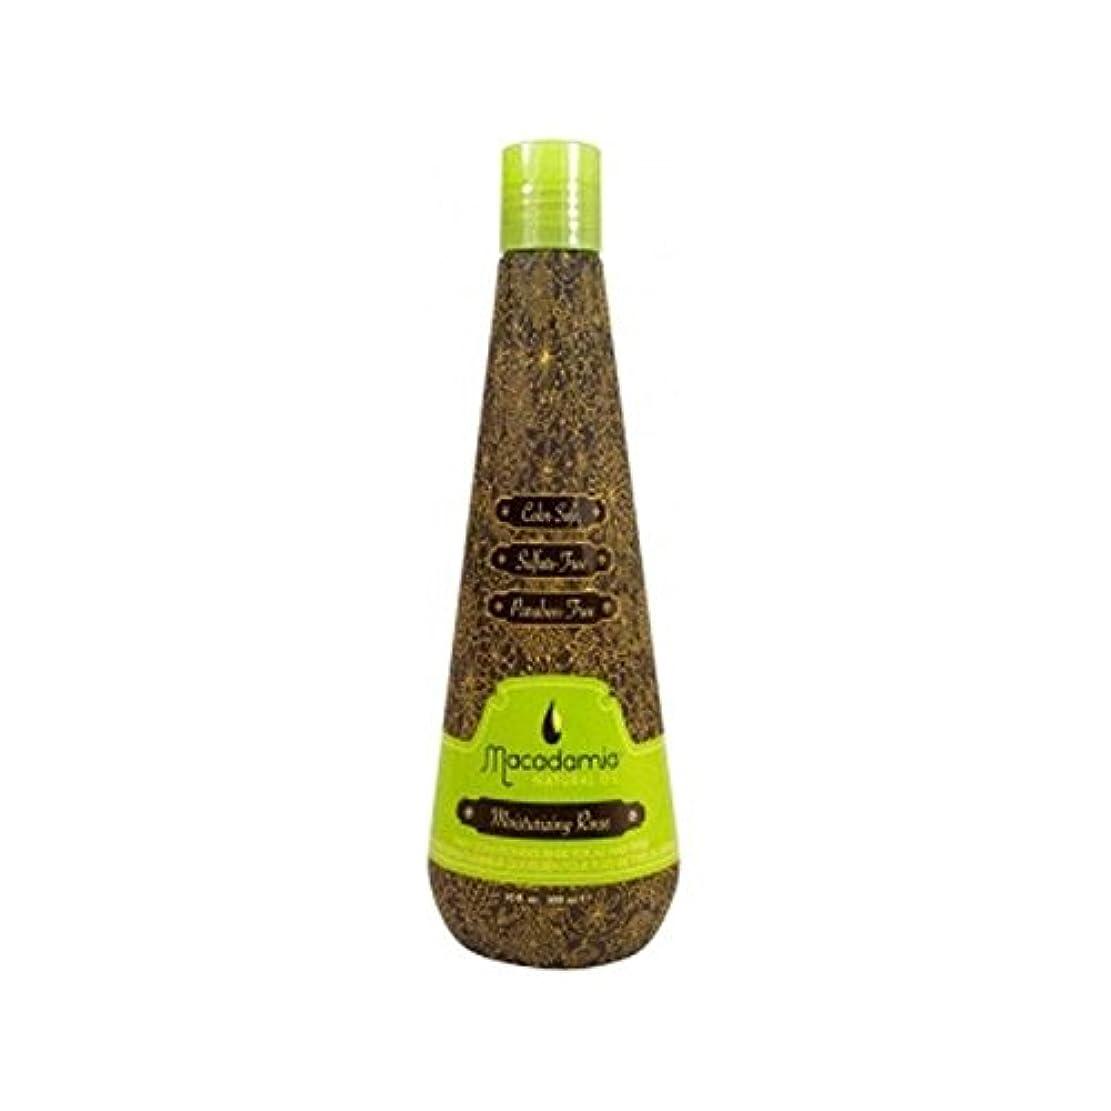 類推消費貧困マカダミア保湿リンス(300ミリリットル) x4 - Macadamia Moisturising Rinse (300ml) (Pack of 4) [並行輸入品]